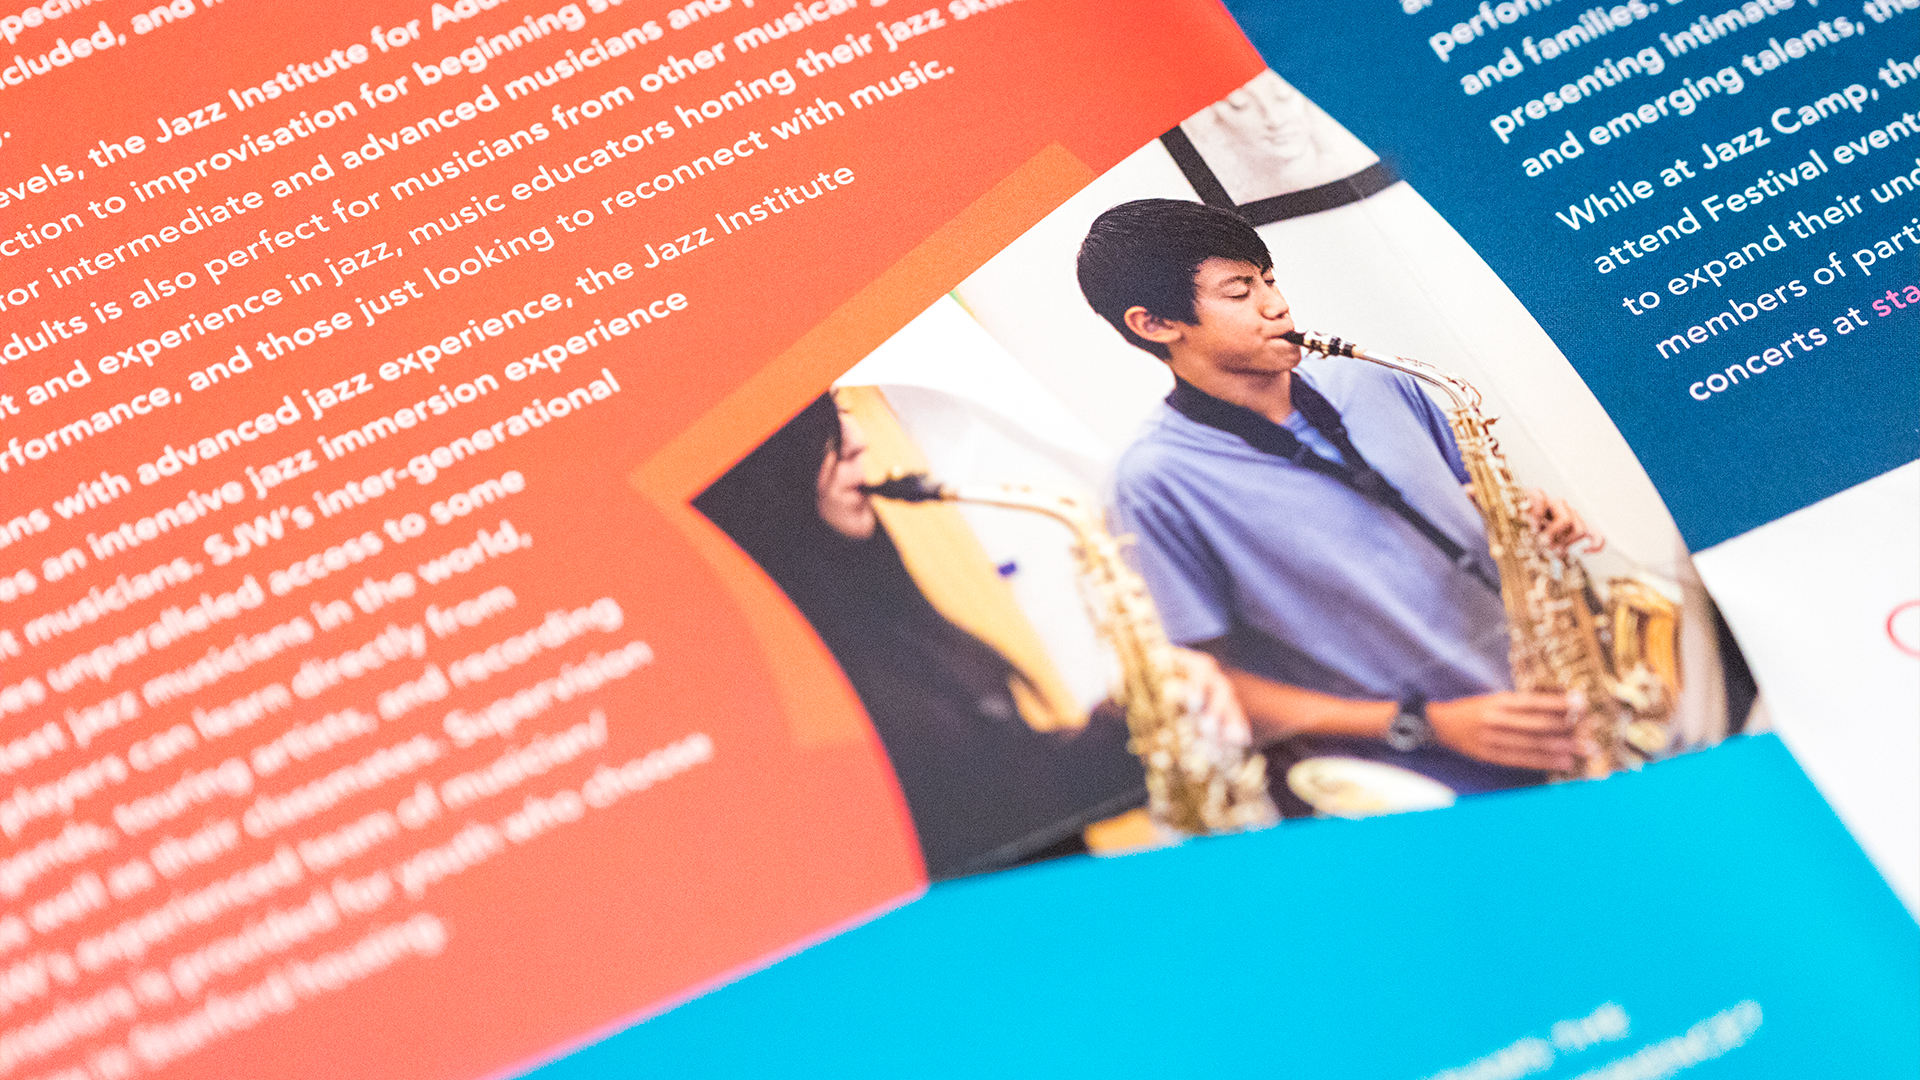 Print – Workshop Mailer – Panels Side (Jazz Institute Close-Up)